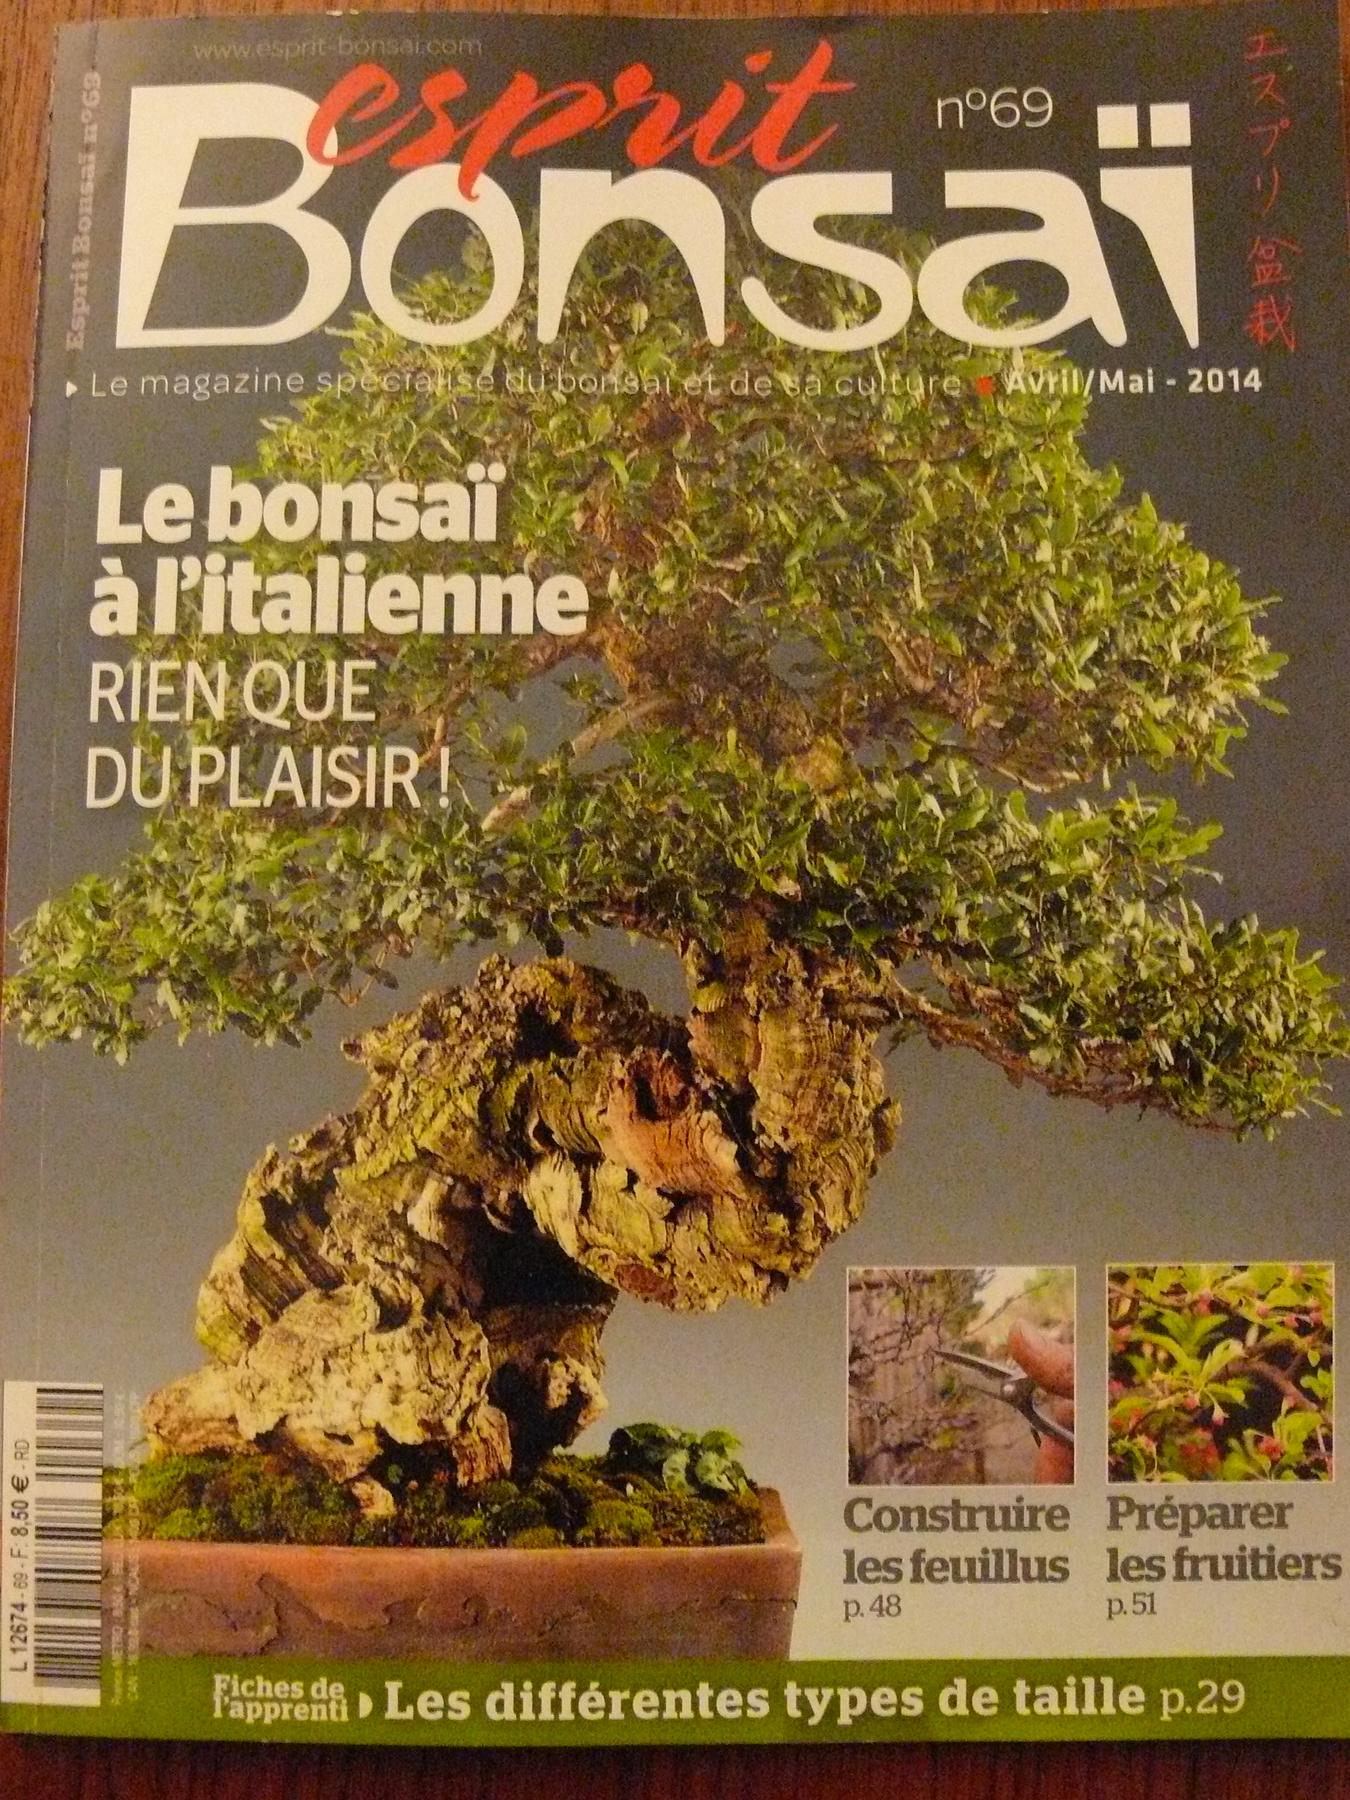 magazine numero 69 Esprit Bonsai